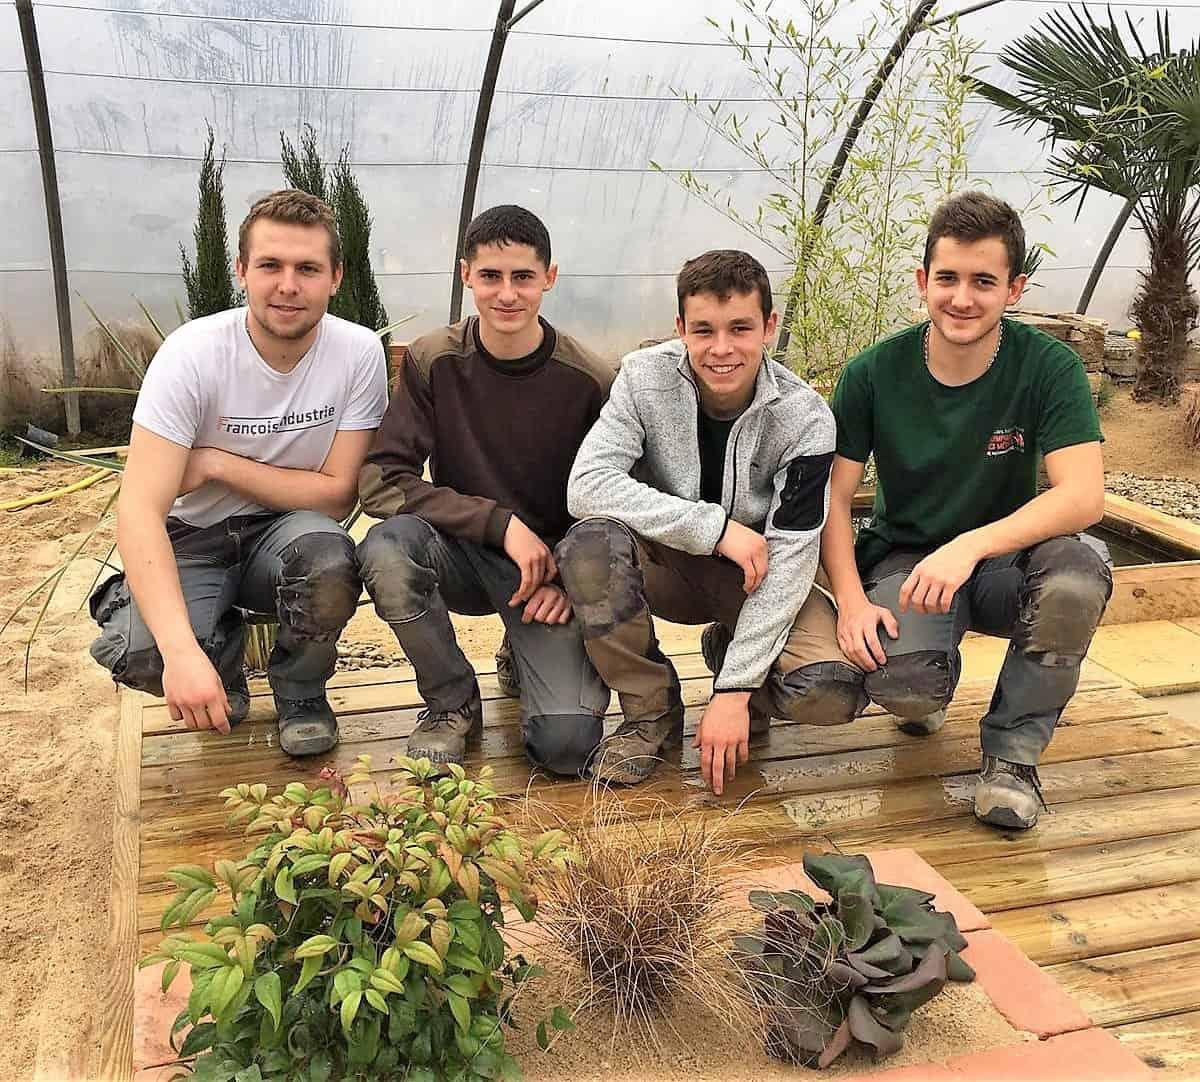 Les jardiniers-paysagistes de l'Equipe de France des Métiers lors de la 1ère semaine d'entrainement organisée au lycée Nature de la Roche-sur-Yon (85) début février